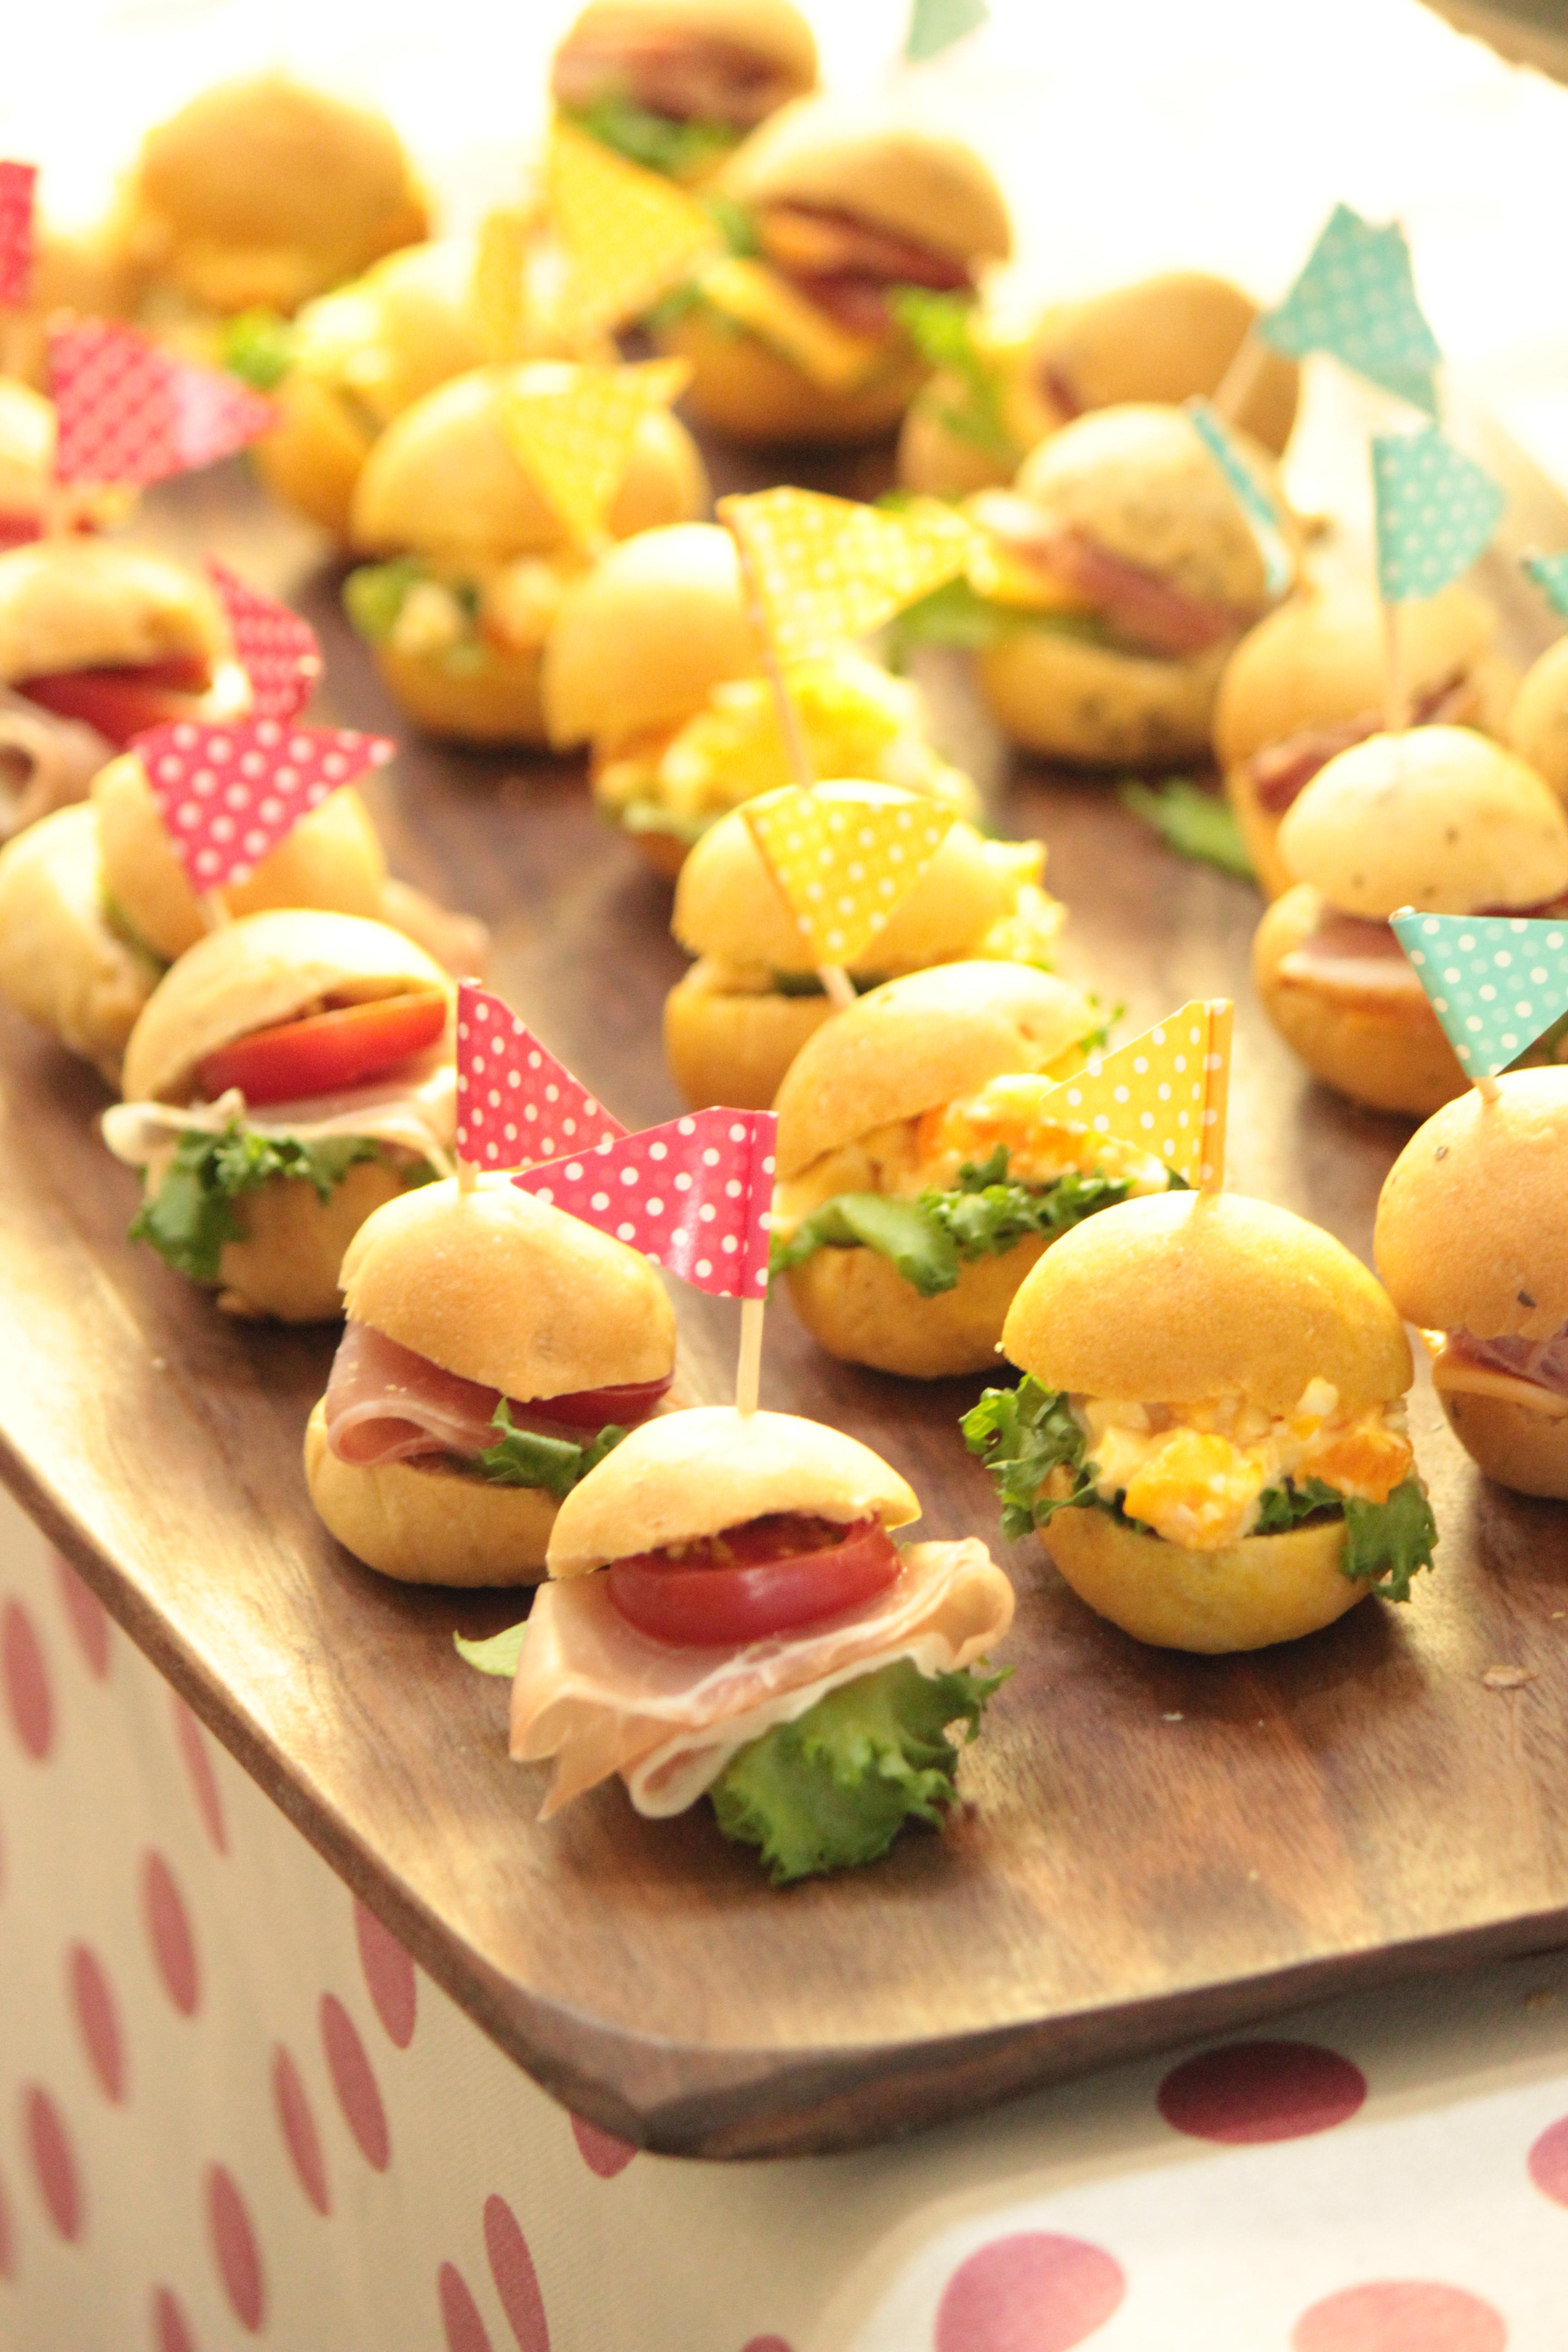 超かわいい!食べやすさも魅力 ひとくちサンドイッチの作り方のサムネイル画像